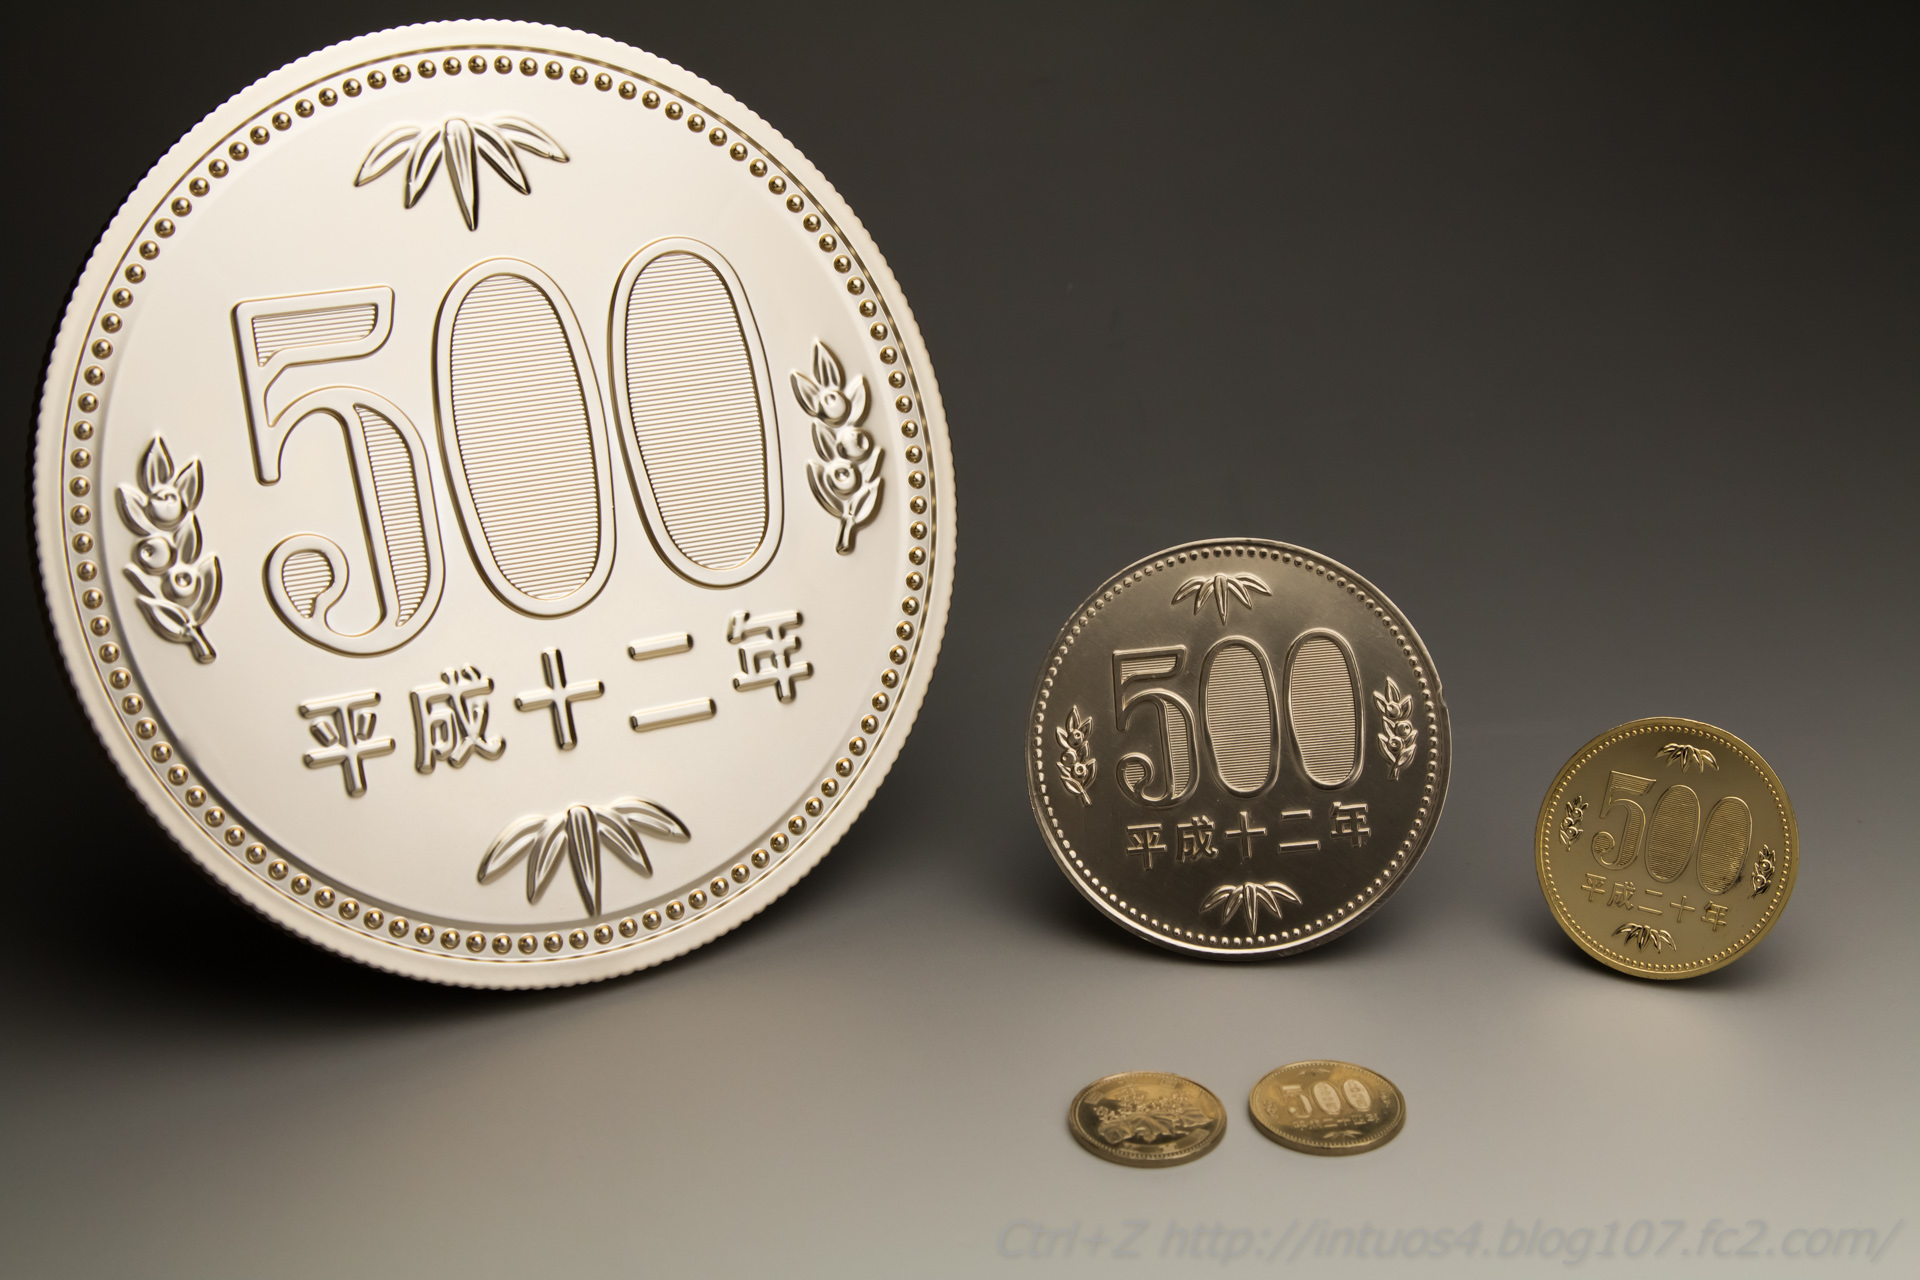 ジャンボコインルーティン組むなら500円玉が一番                  nw('2013','12','03','23')